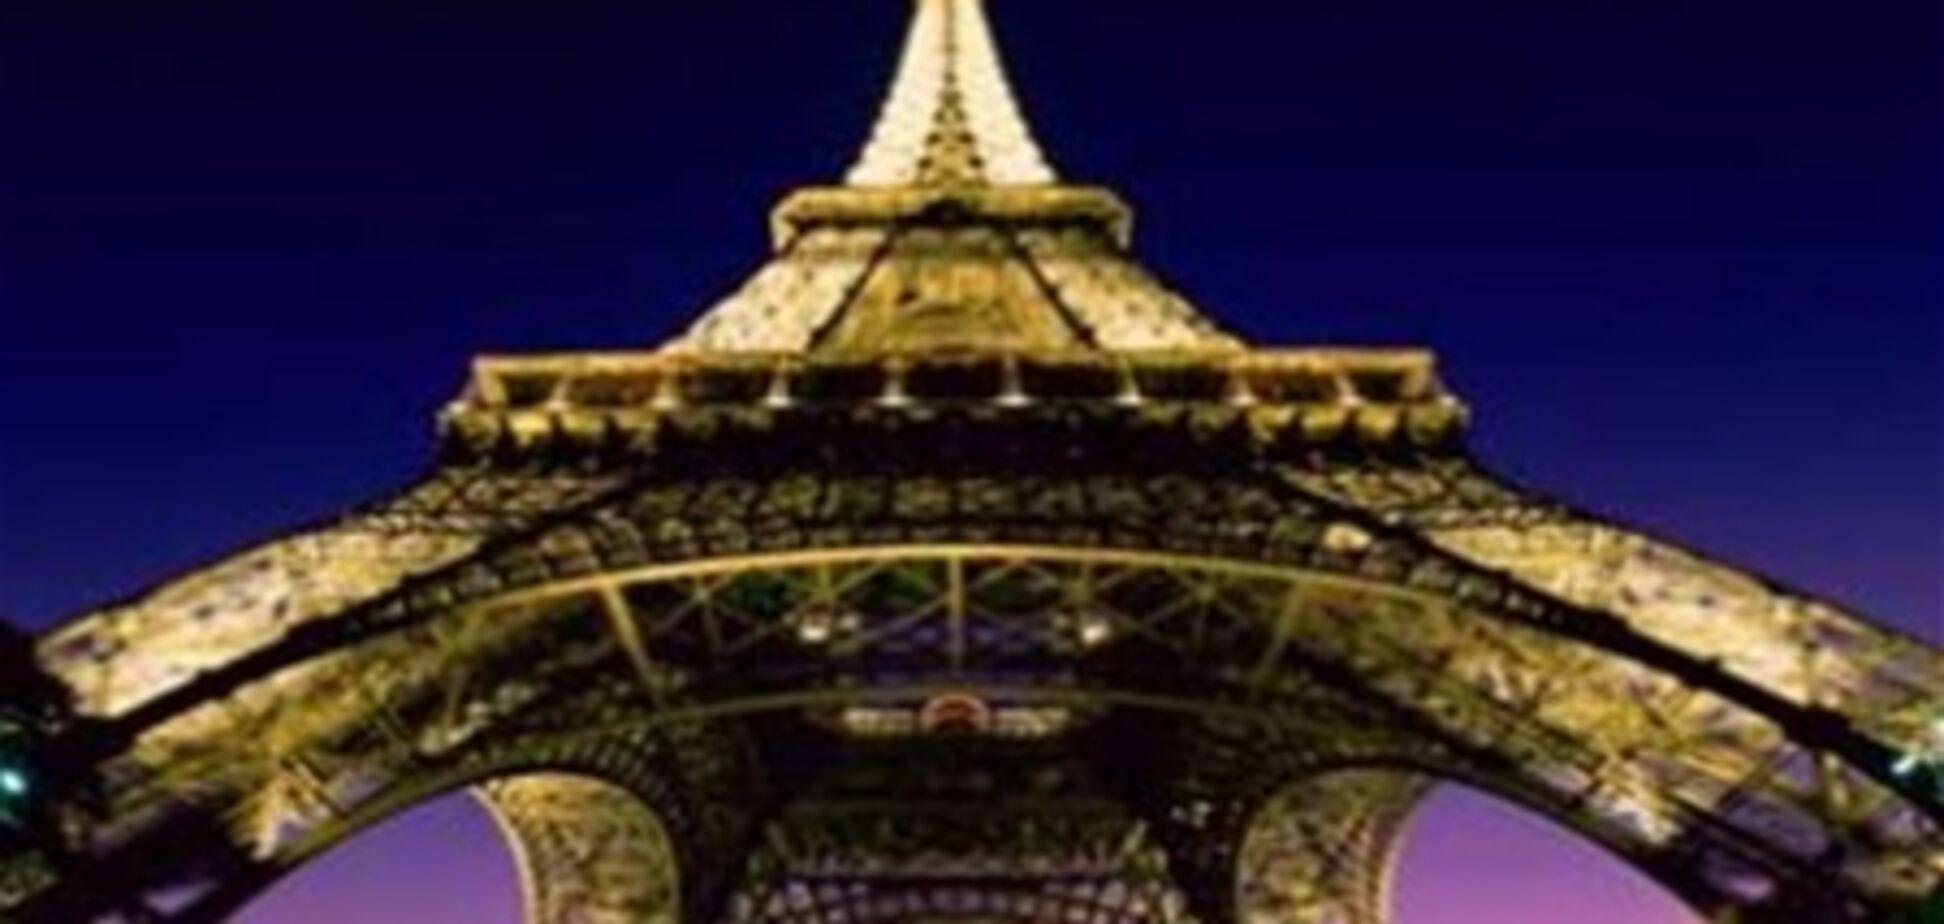 Названы самые дорогие и самые дешевые города мира для туристов